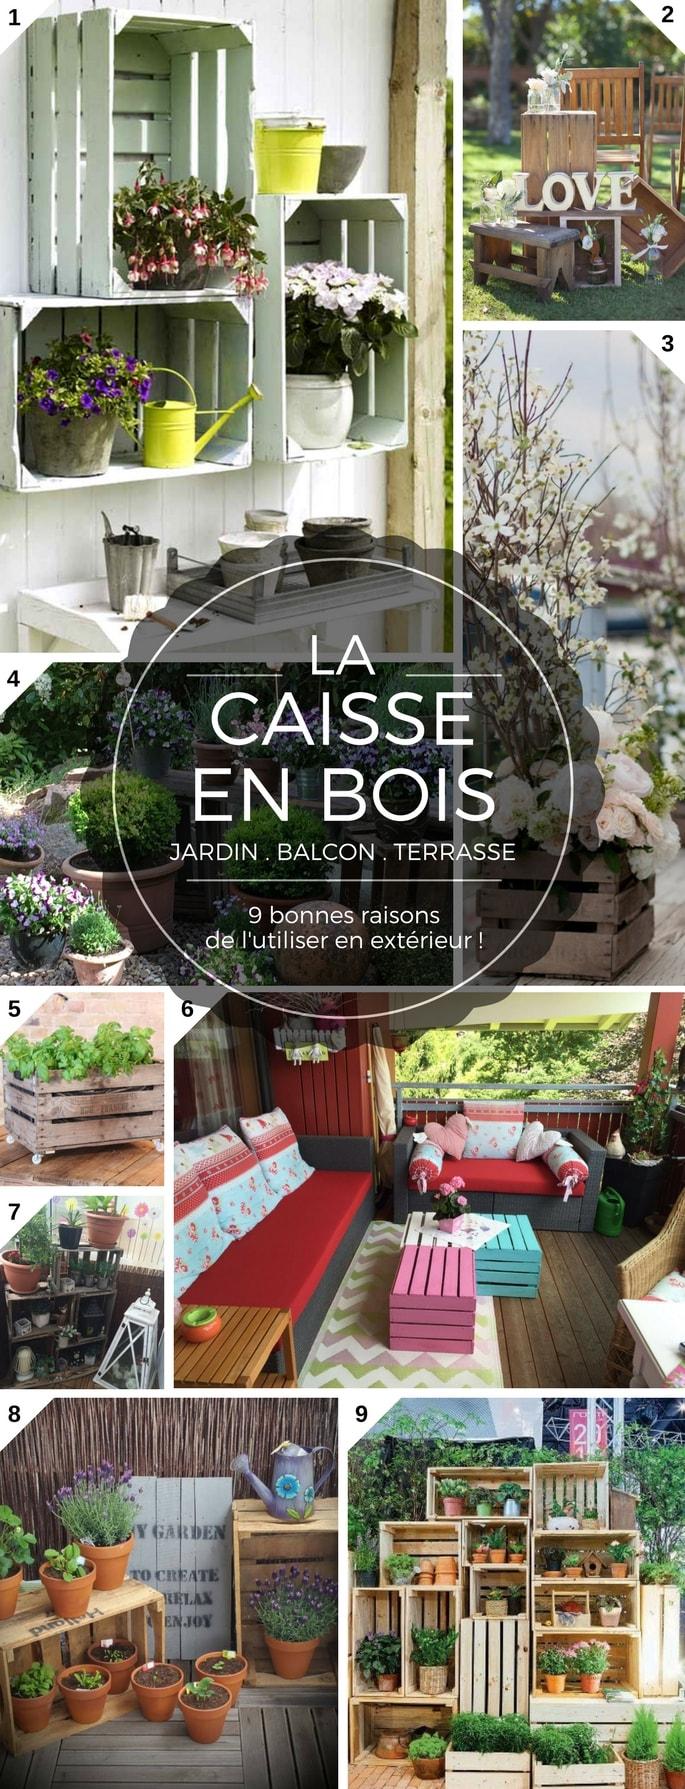 9 Bonnes Raisons D'utiliser La Caisse En Bois Pour Le Balcon ... serapportantà Decoration De Jardin A Faire Soi Meme